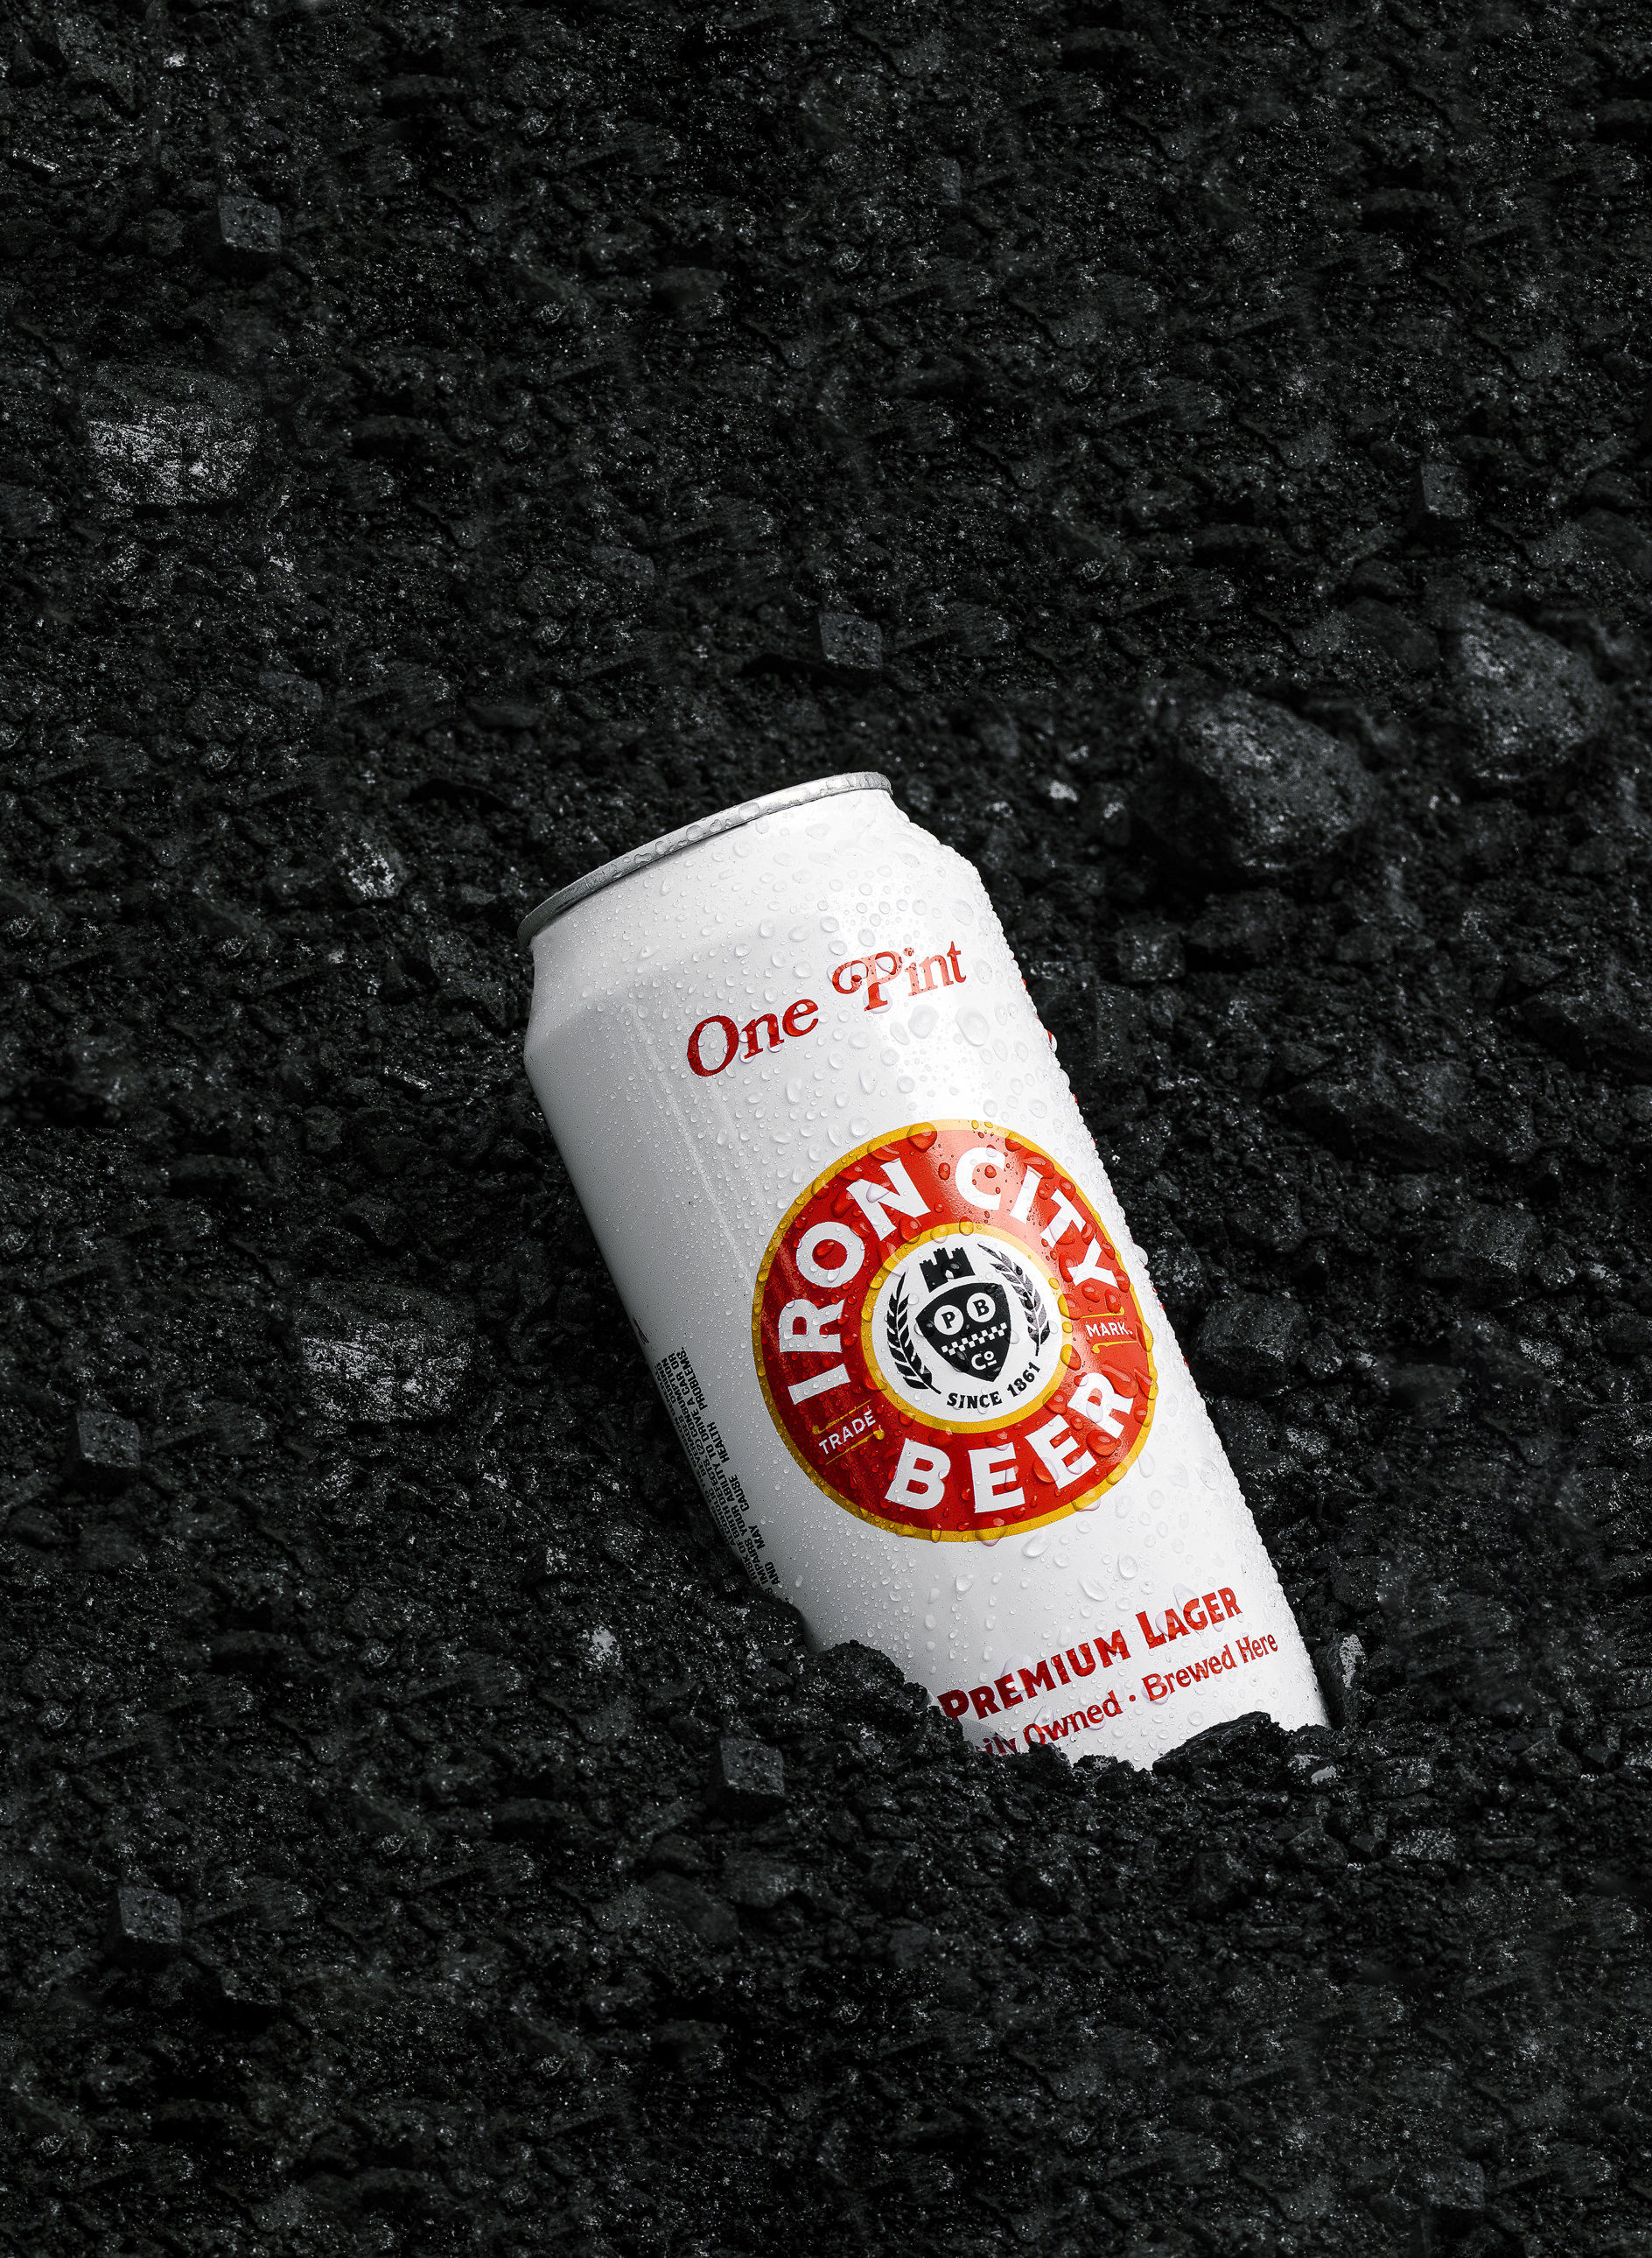 Beer & Branding: Iron City Beer